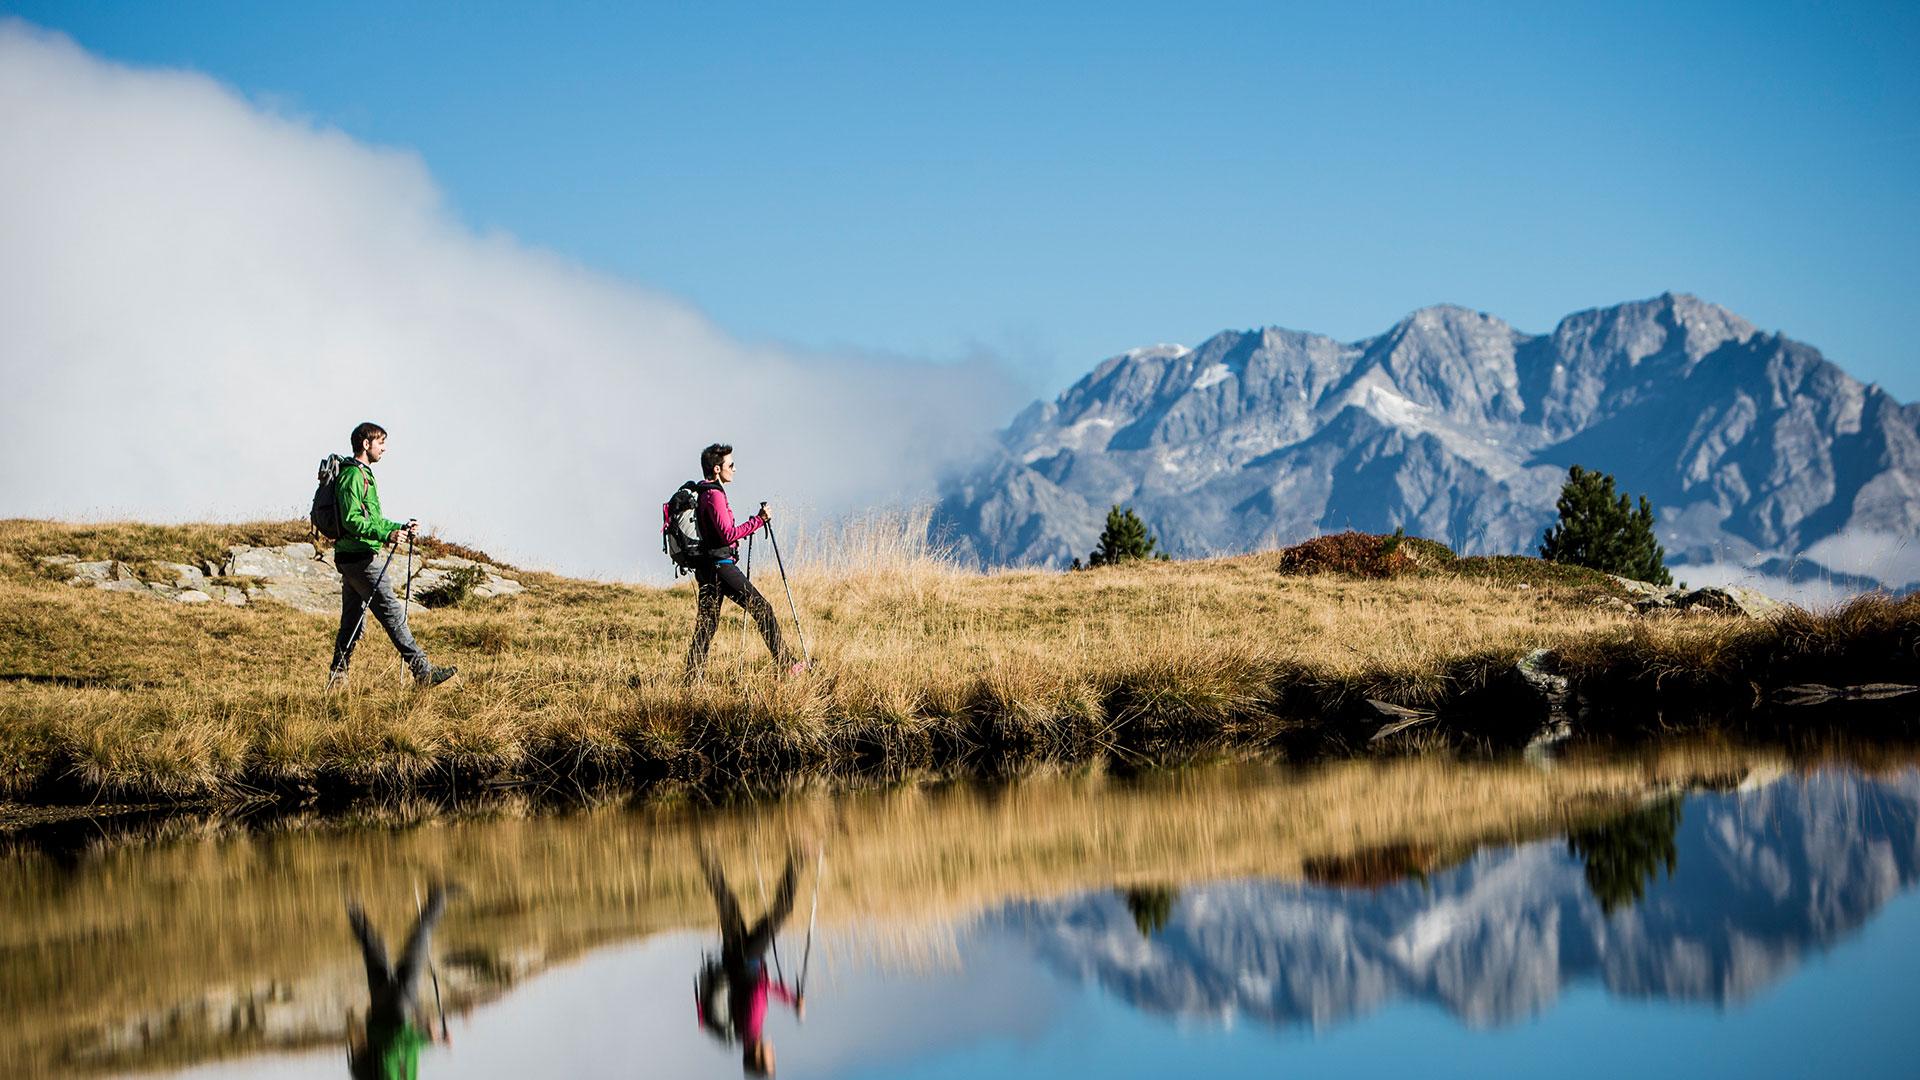 Wandertipps aus Südtirol: jetzt loswandern! Axm2Q